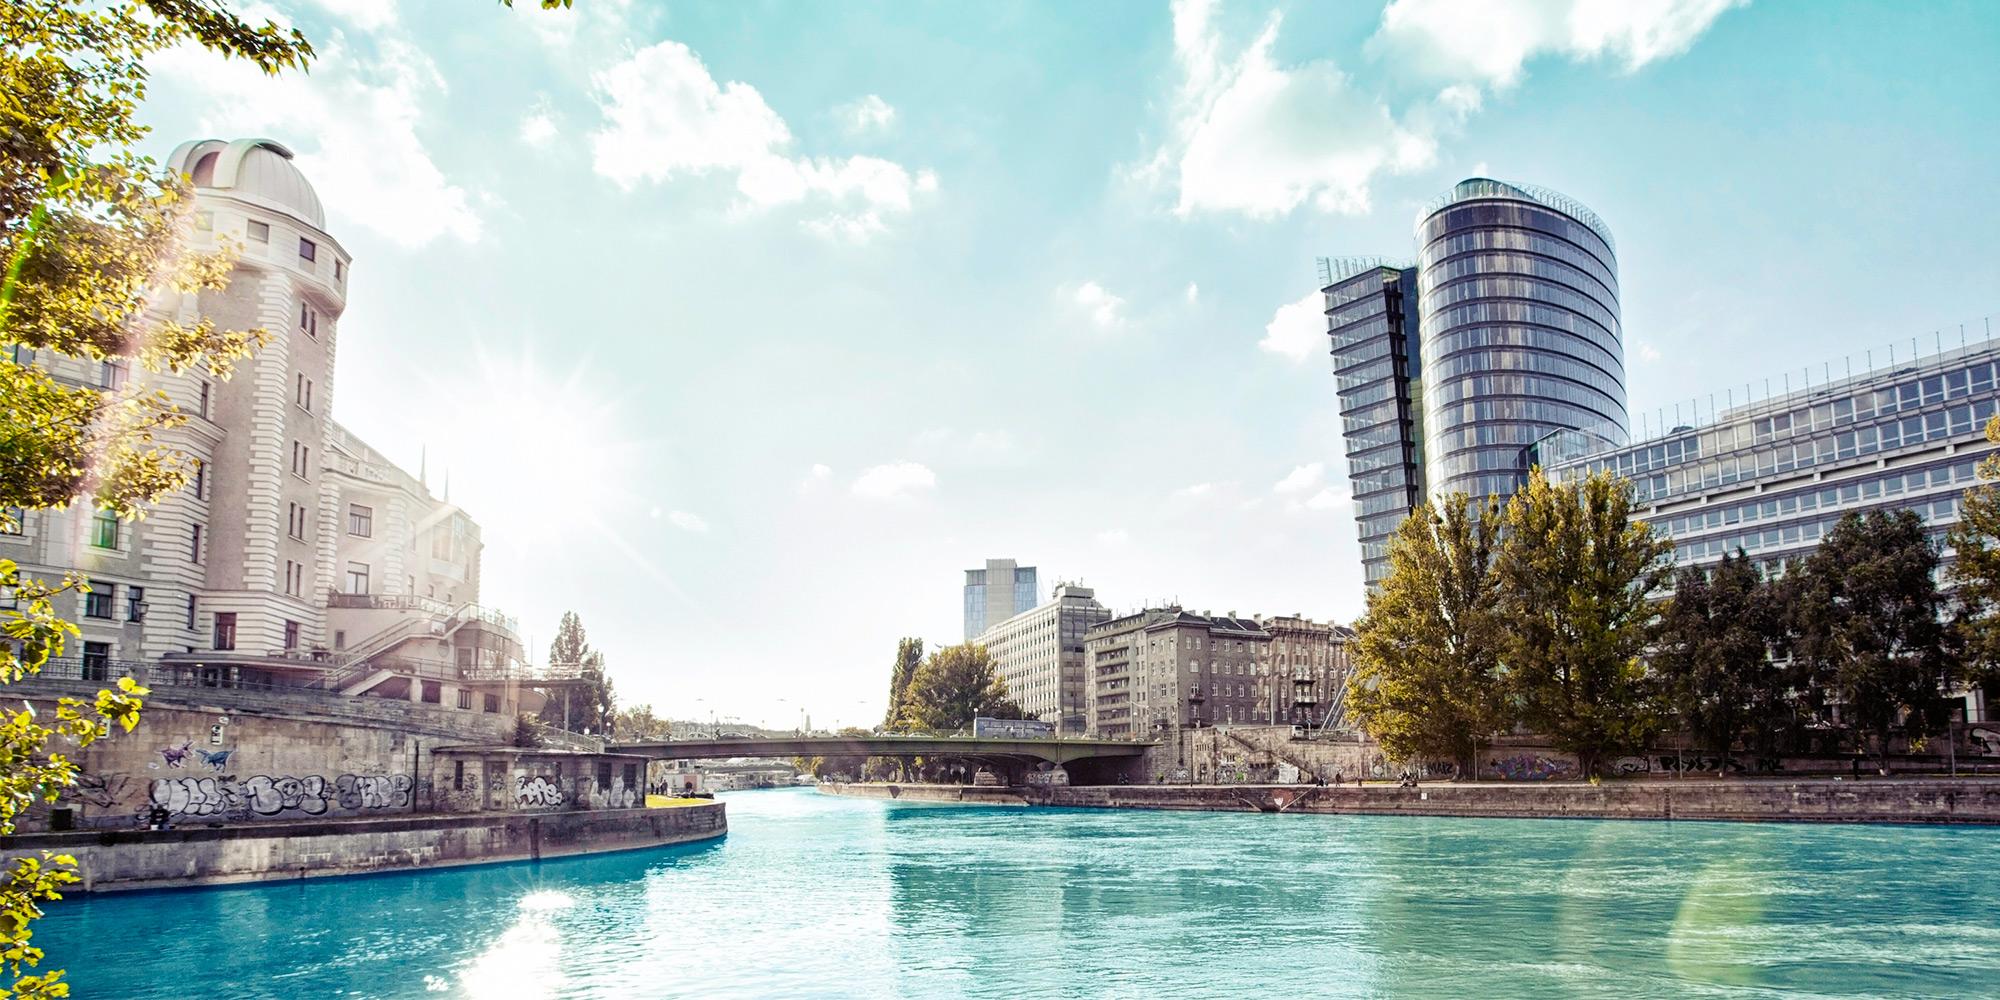 Wien Donaukanal Urania